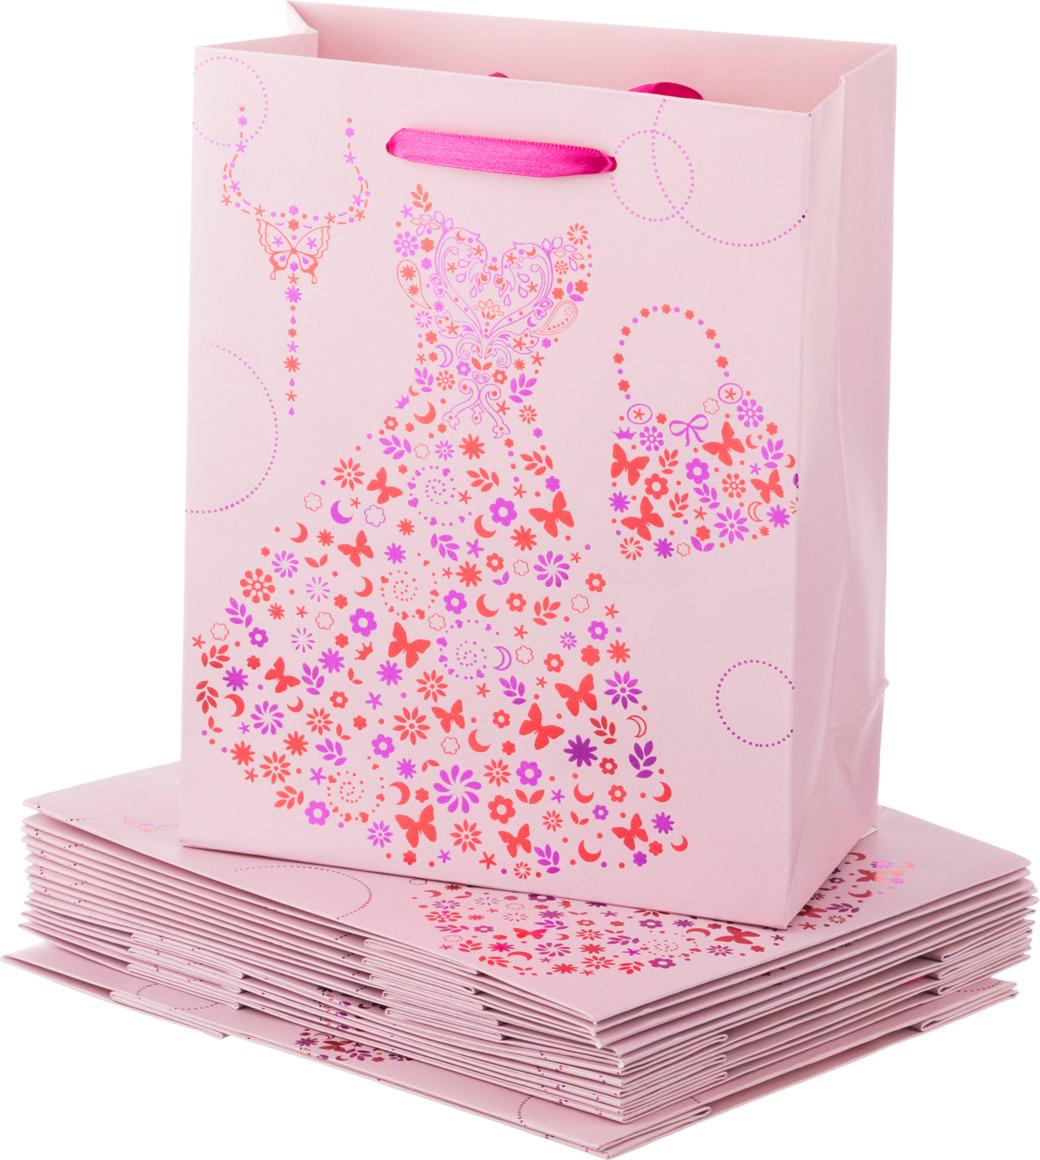 Пакеты бумажные Lefard, 73-553, 23 х 18 х 9 см, 10 шт пакеты бумажные lefard 73 545 23 х 18 х 9 см 10 шт